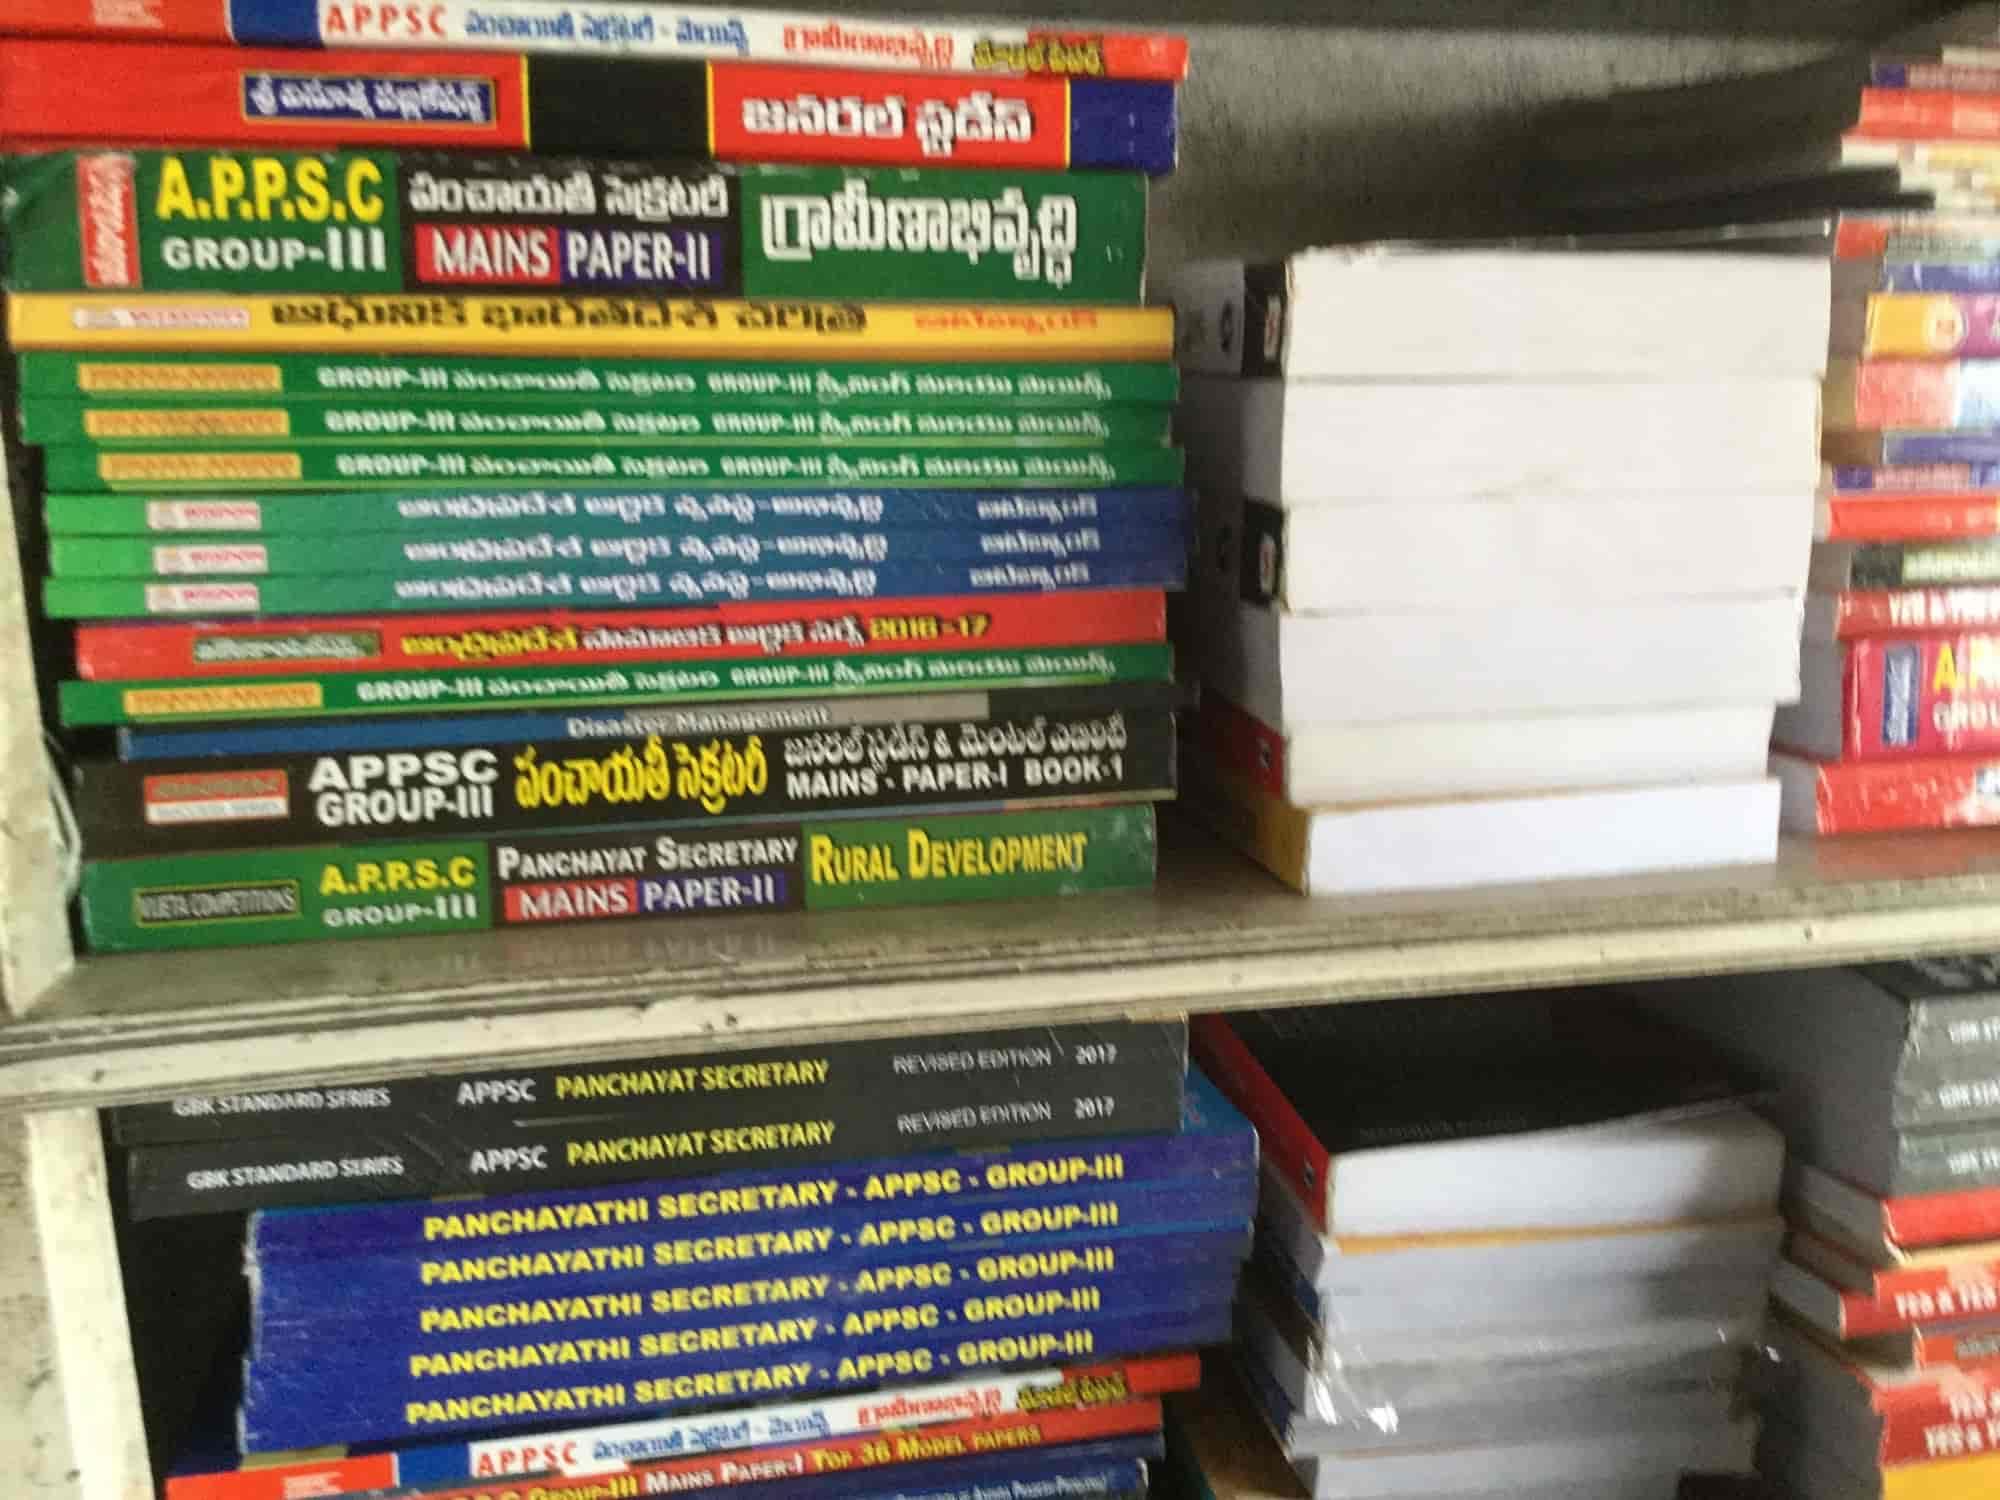 Sri Sai Raghavendra Book Centre Trunk Road Book Shops In Nellore